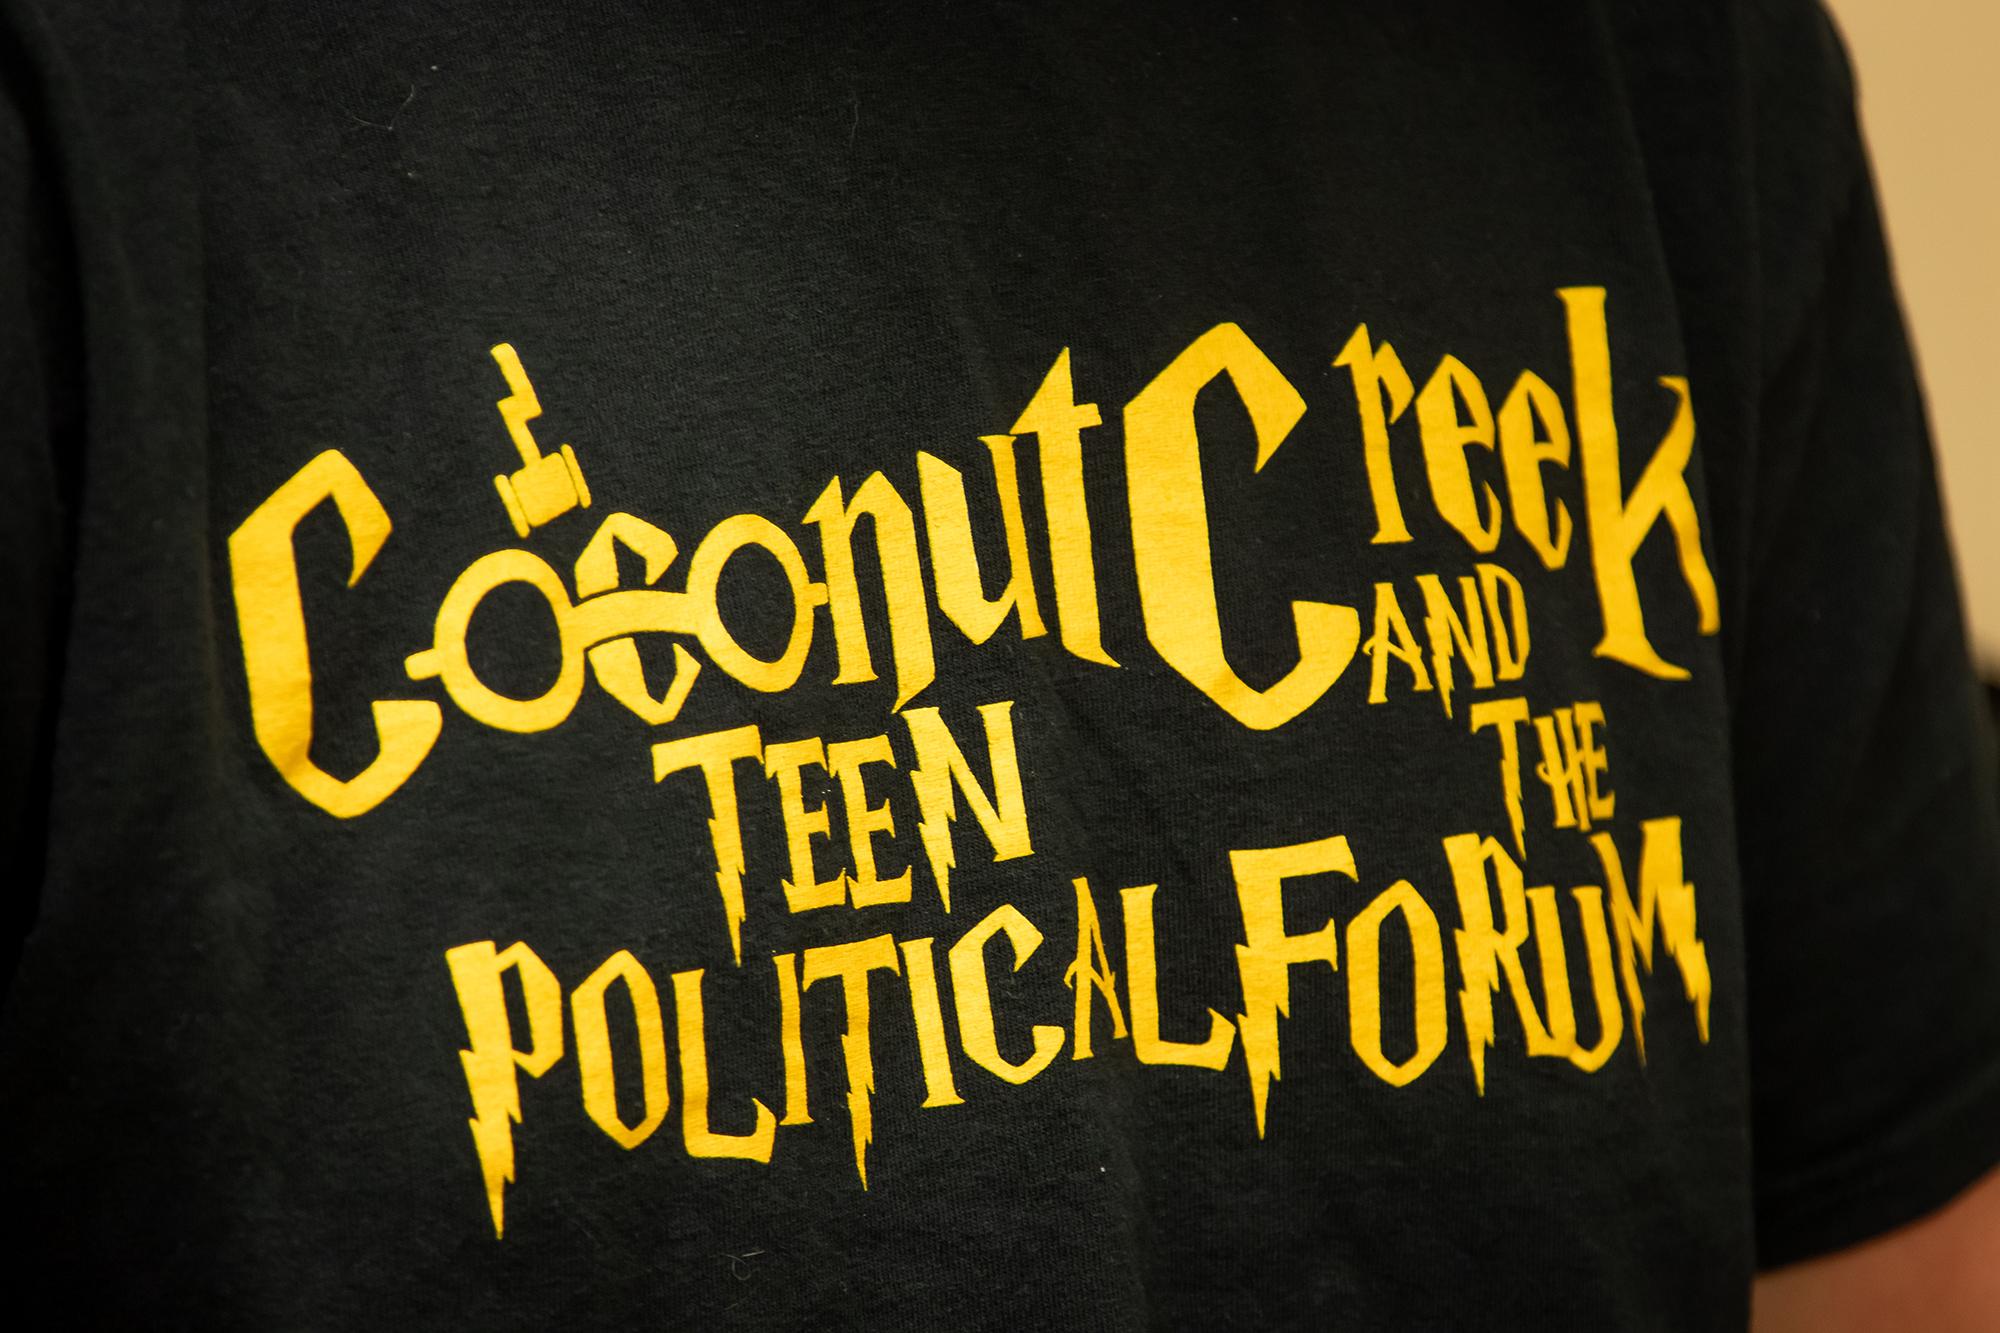 teen pics forum